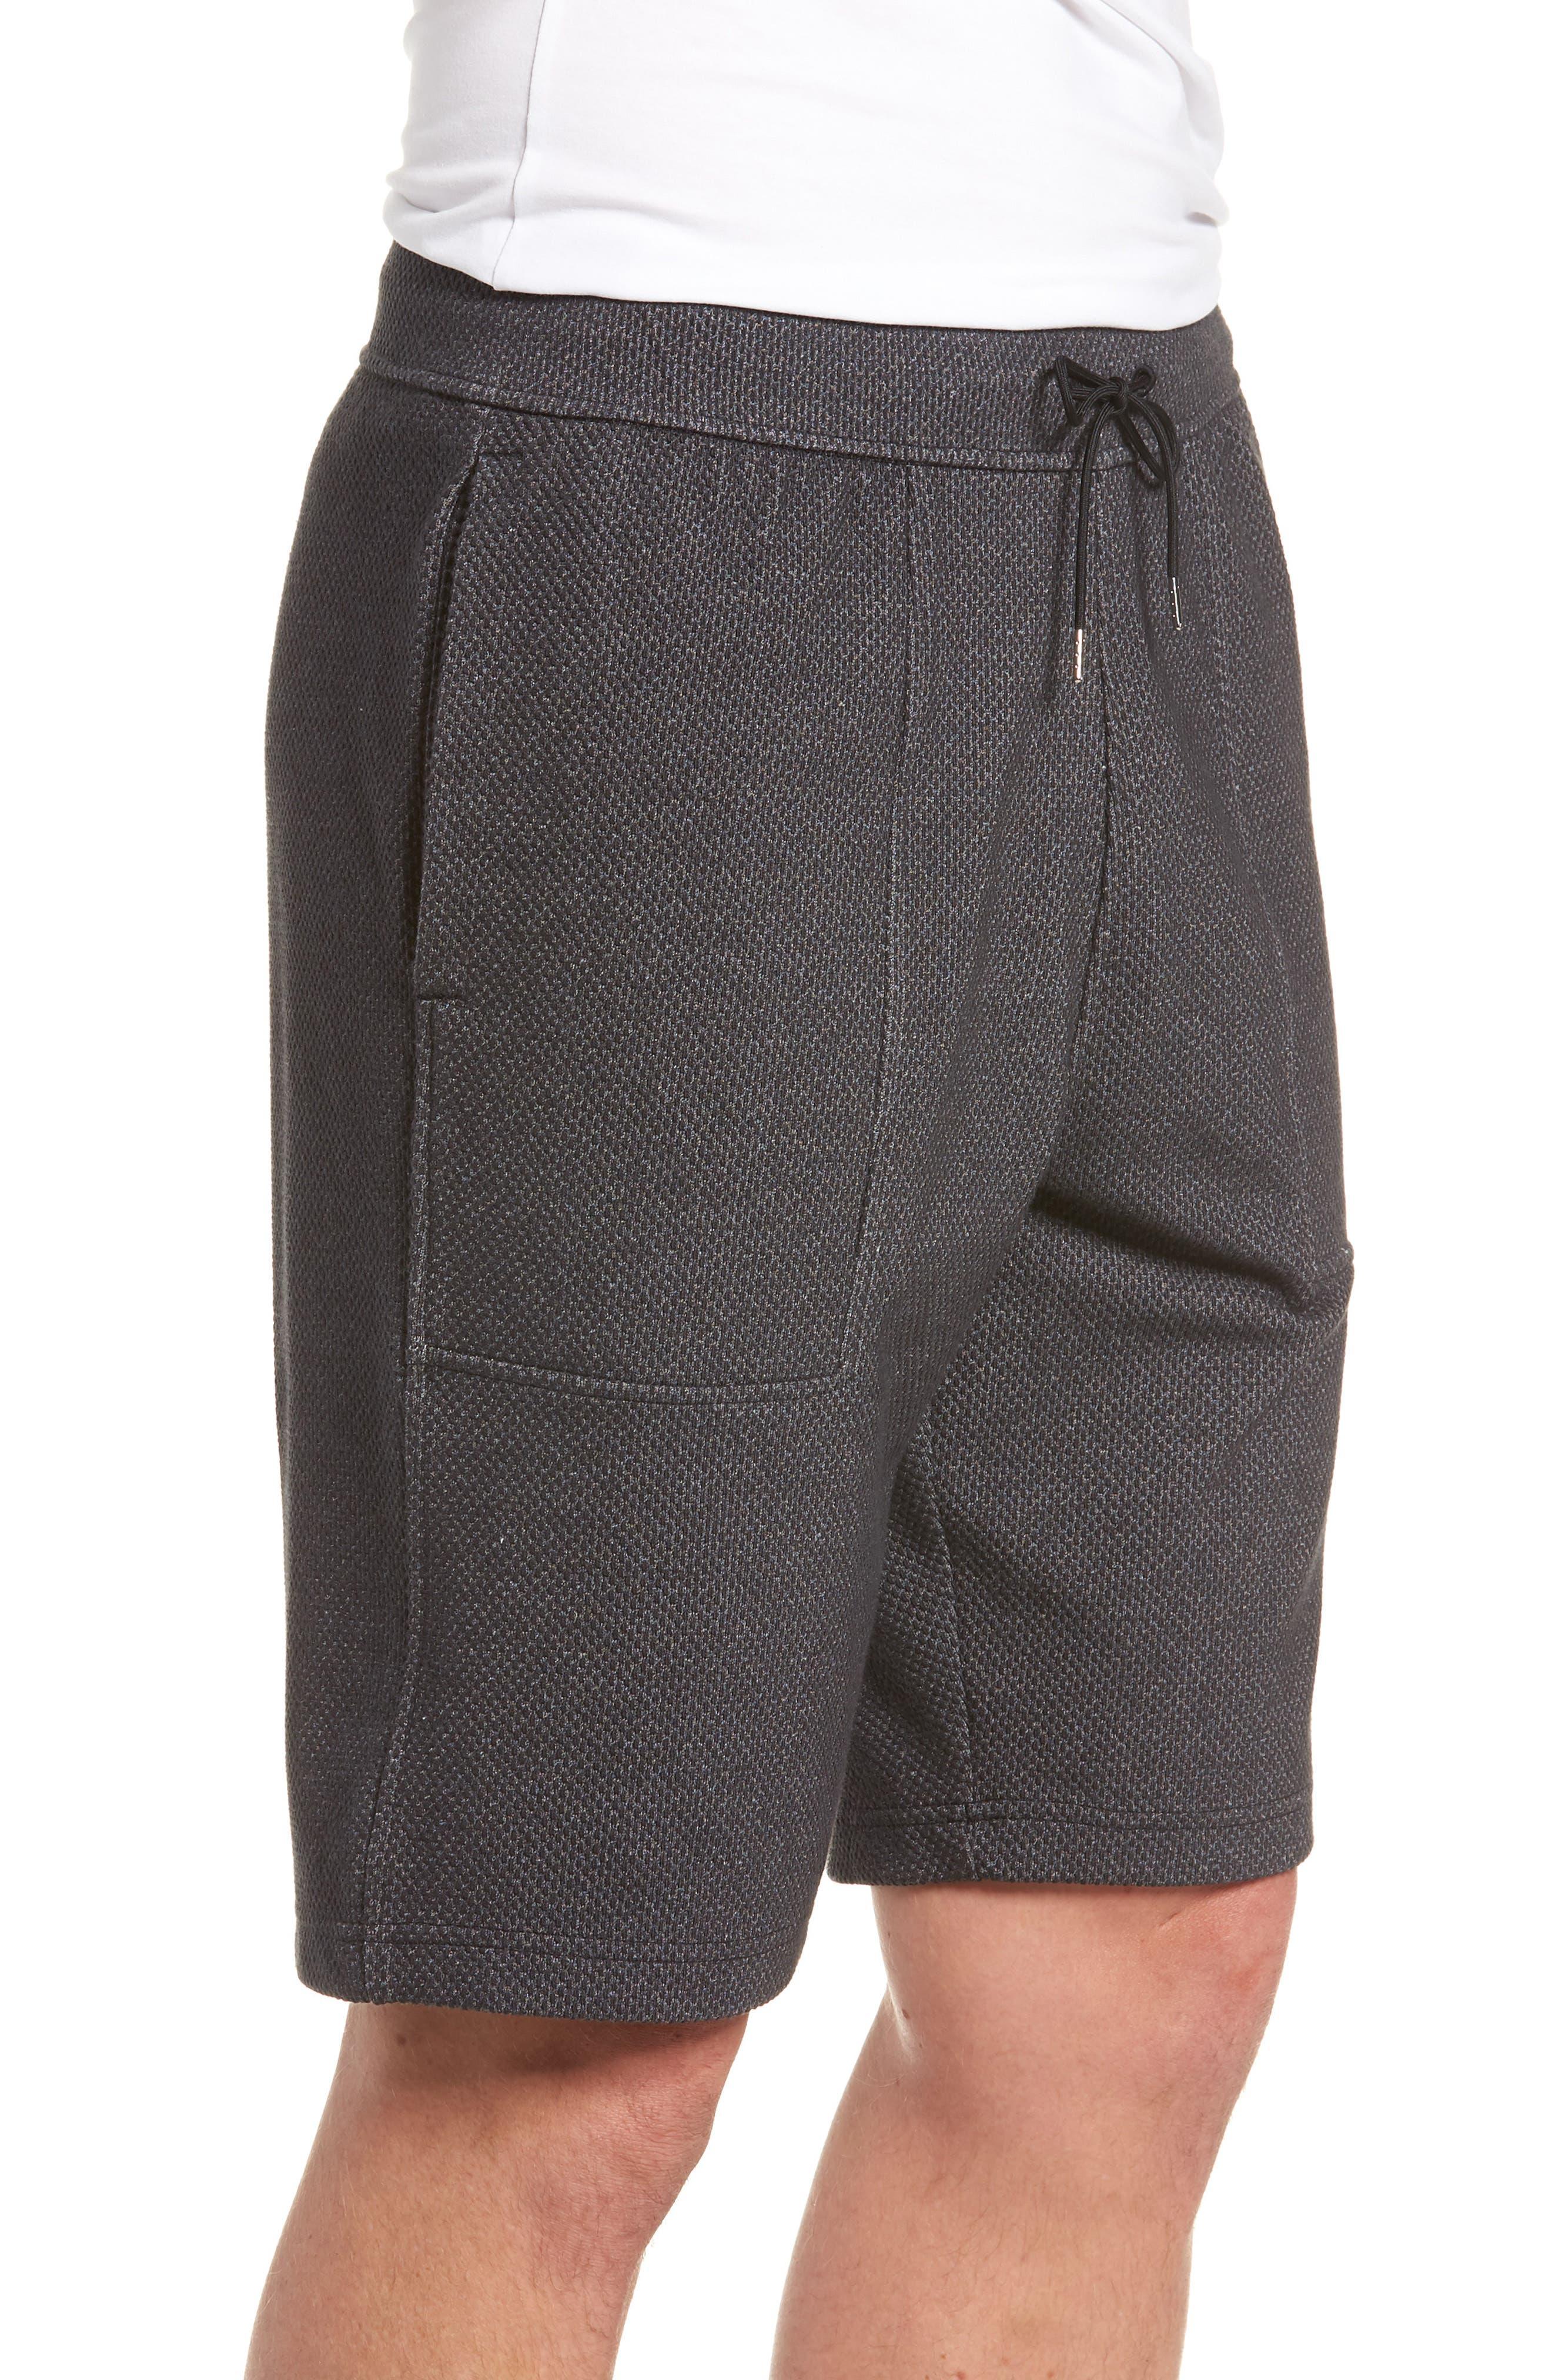 Pursuit Fleece Trim Fit Shorts,                             Alternate thumbnail 3, color,                             BLACK/ BLACK/ STEALTH GRAY